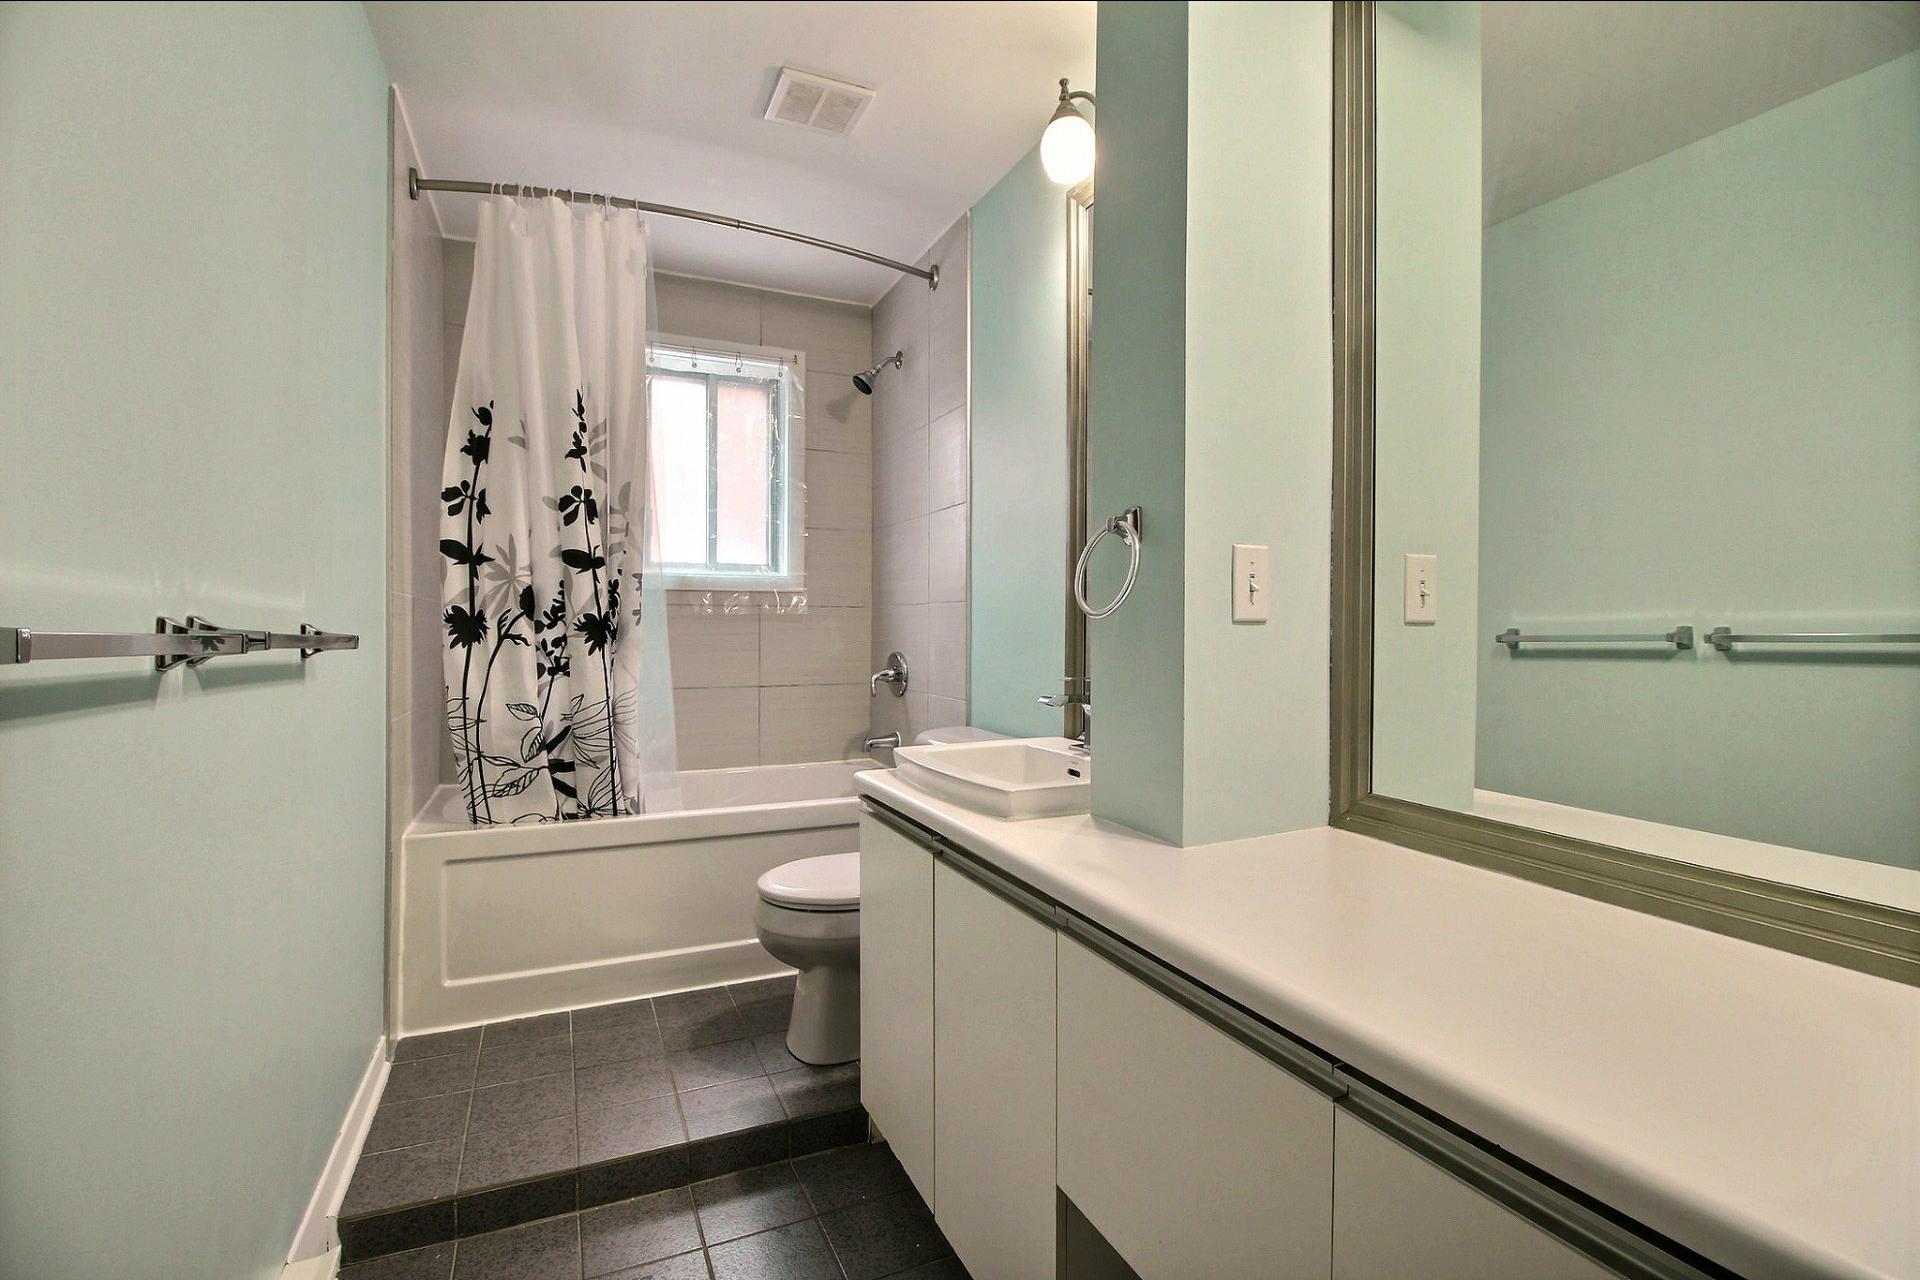 image 6 - Appartement À louer Ahuntsic-Cartierville Montréal  - 7 pièces